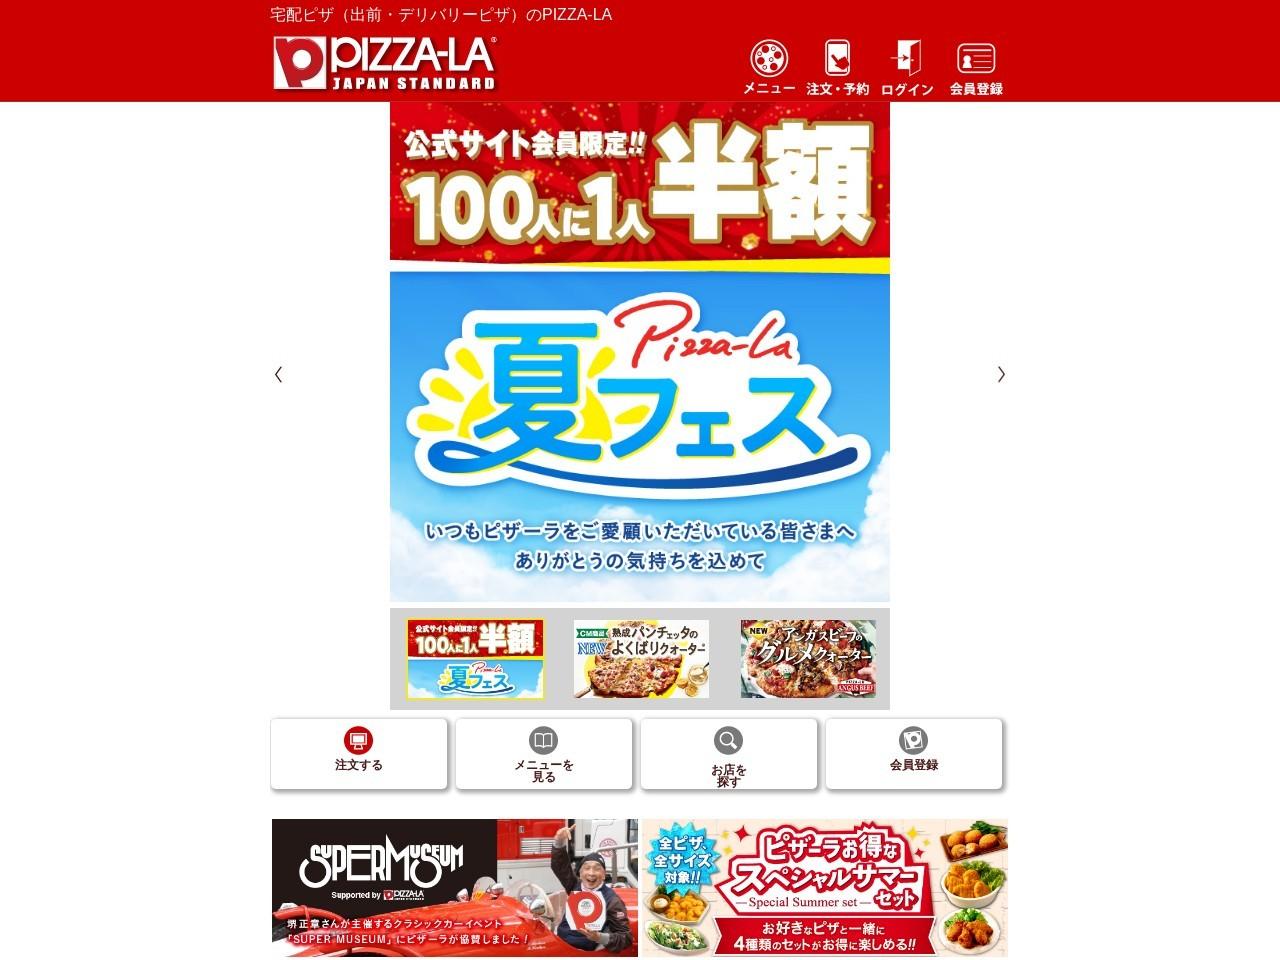 ピザーラエクスプレス東京タワー店